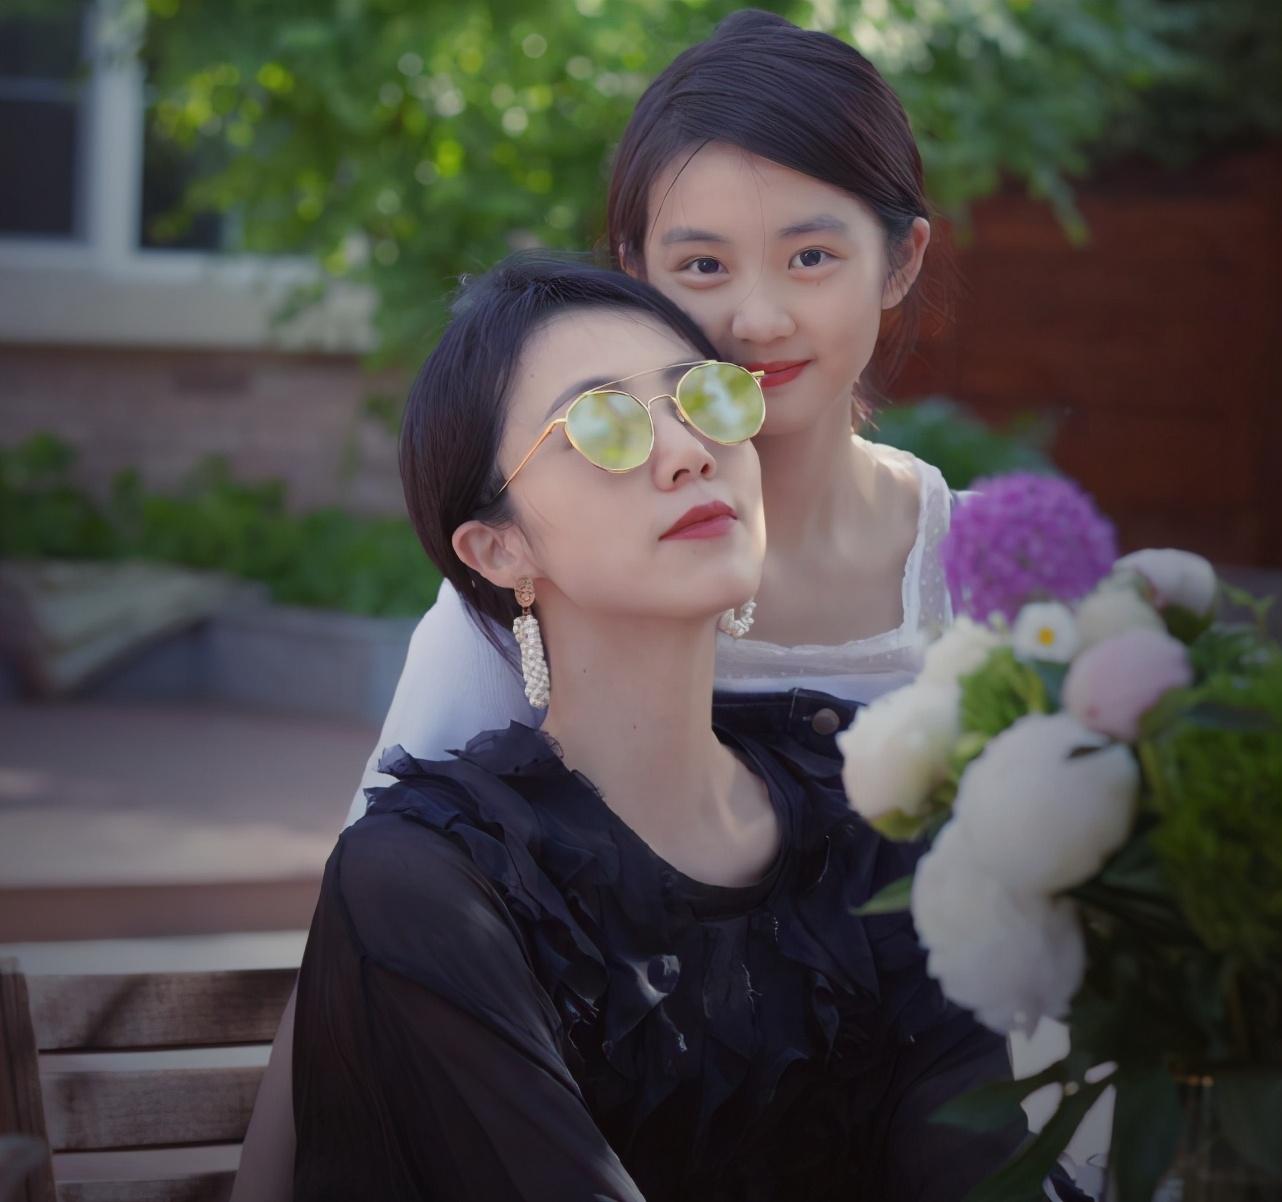 黃多多首部話劇電影首映,黃磊感慨女兒成長,多多近照已長成媽媽